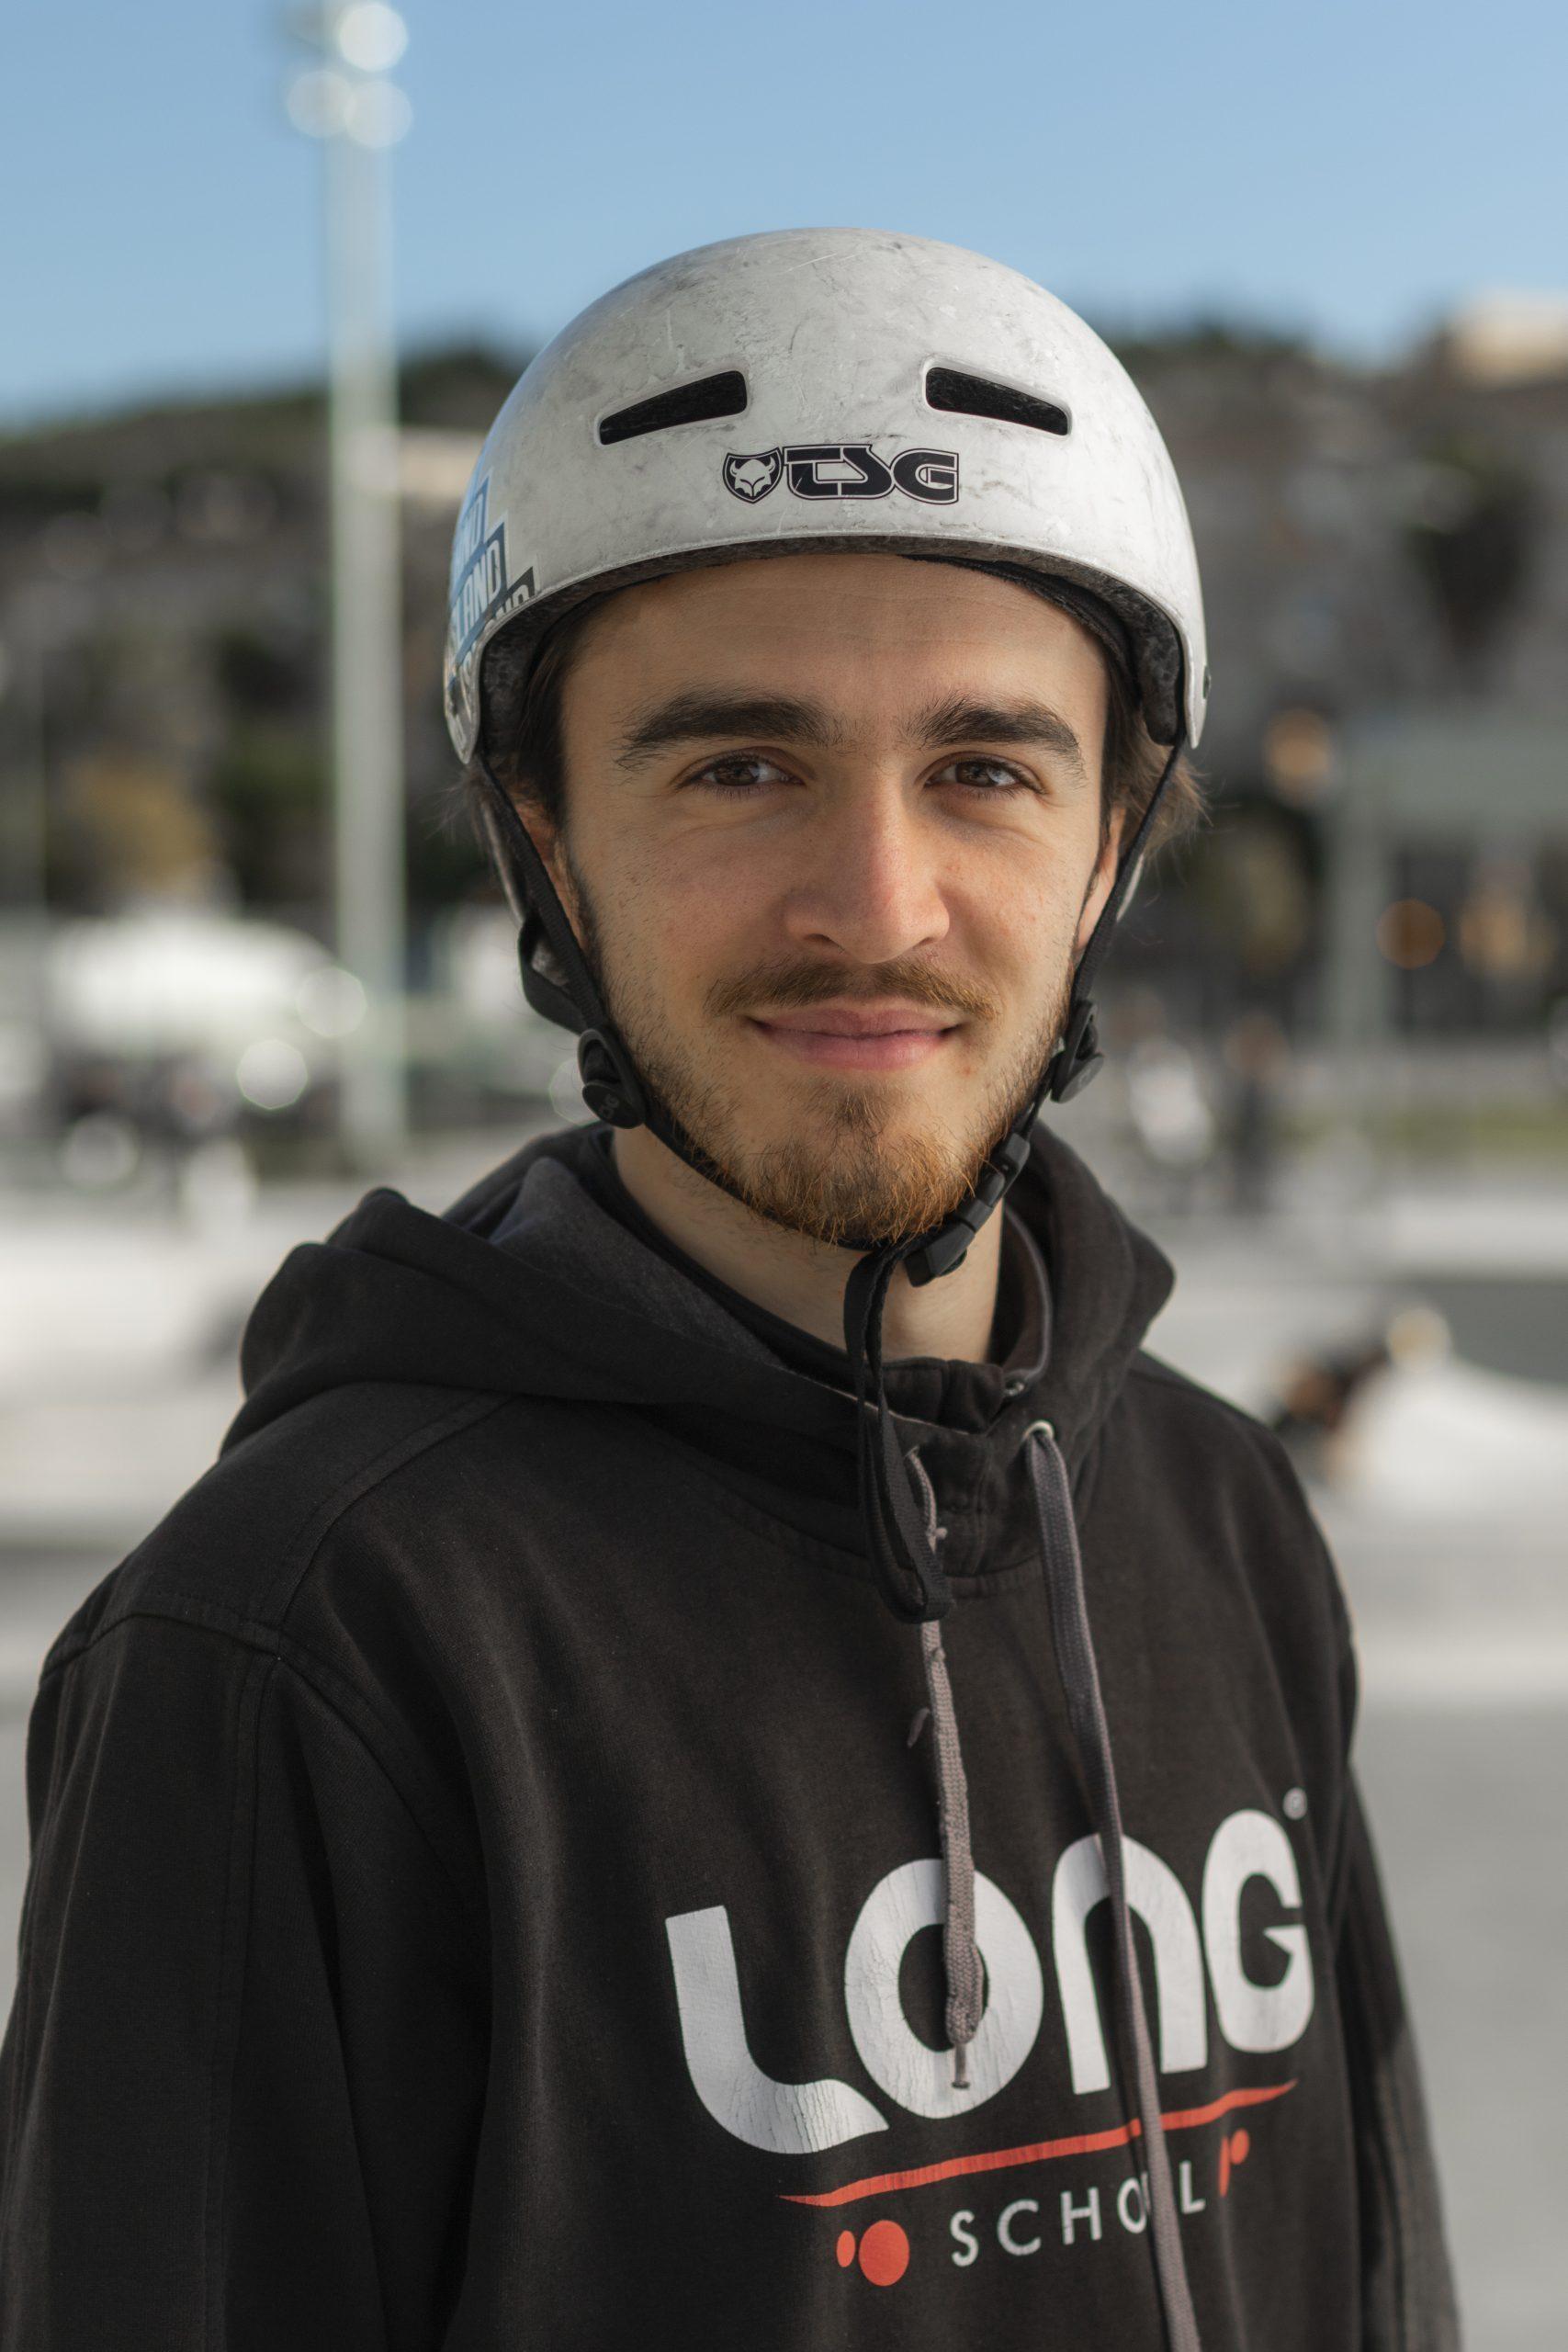 Marc Escoda